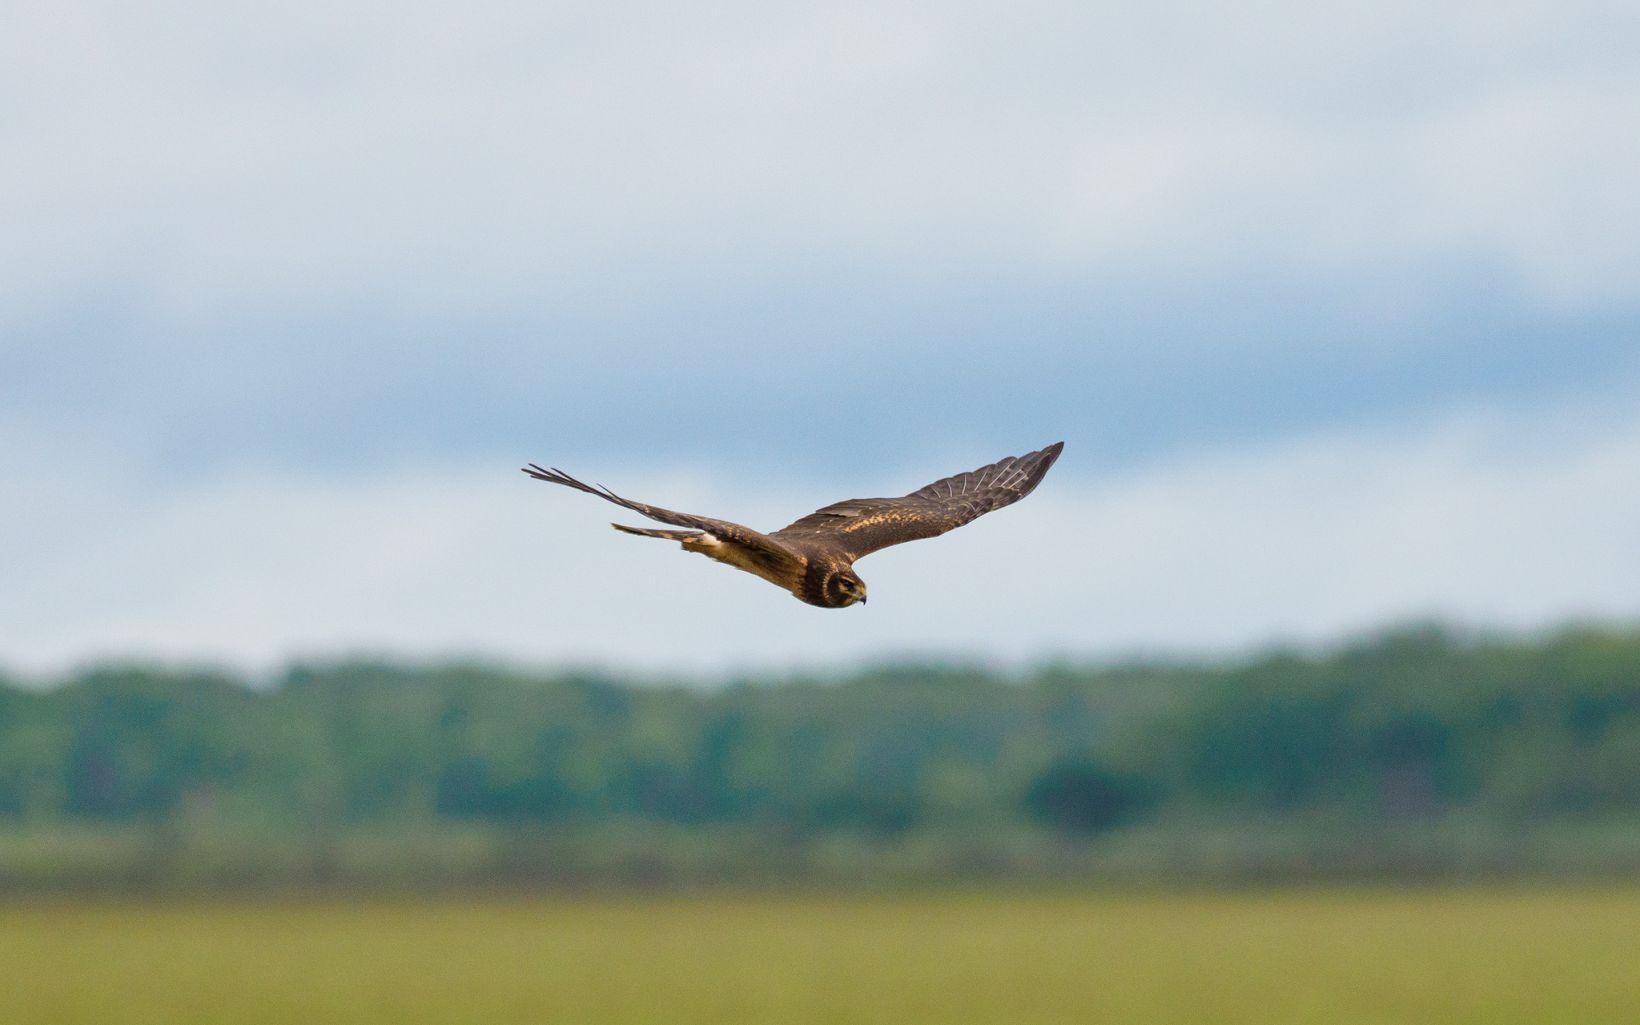 A hawk flies over a grassy field.